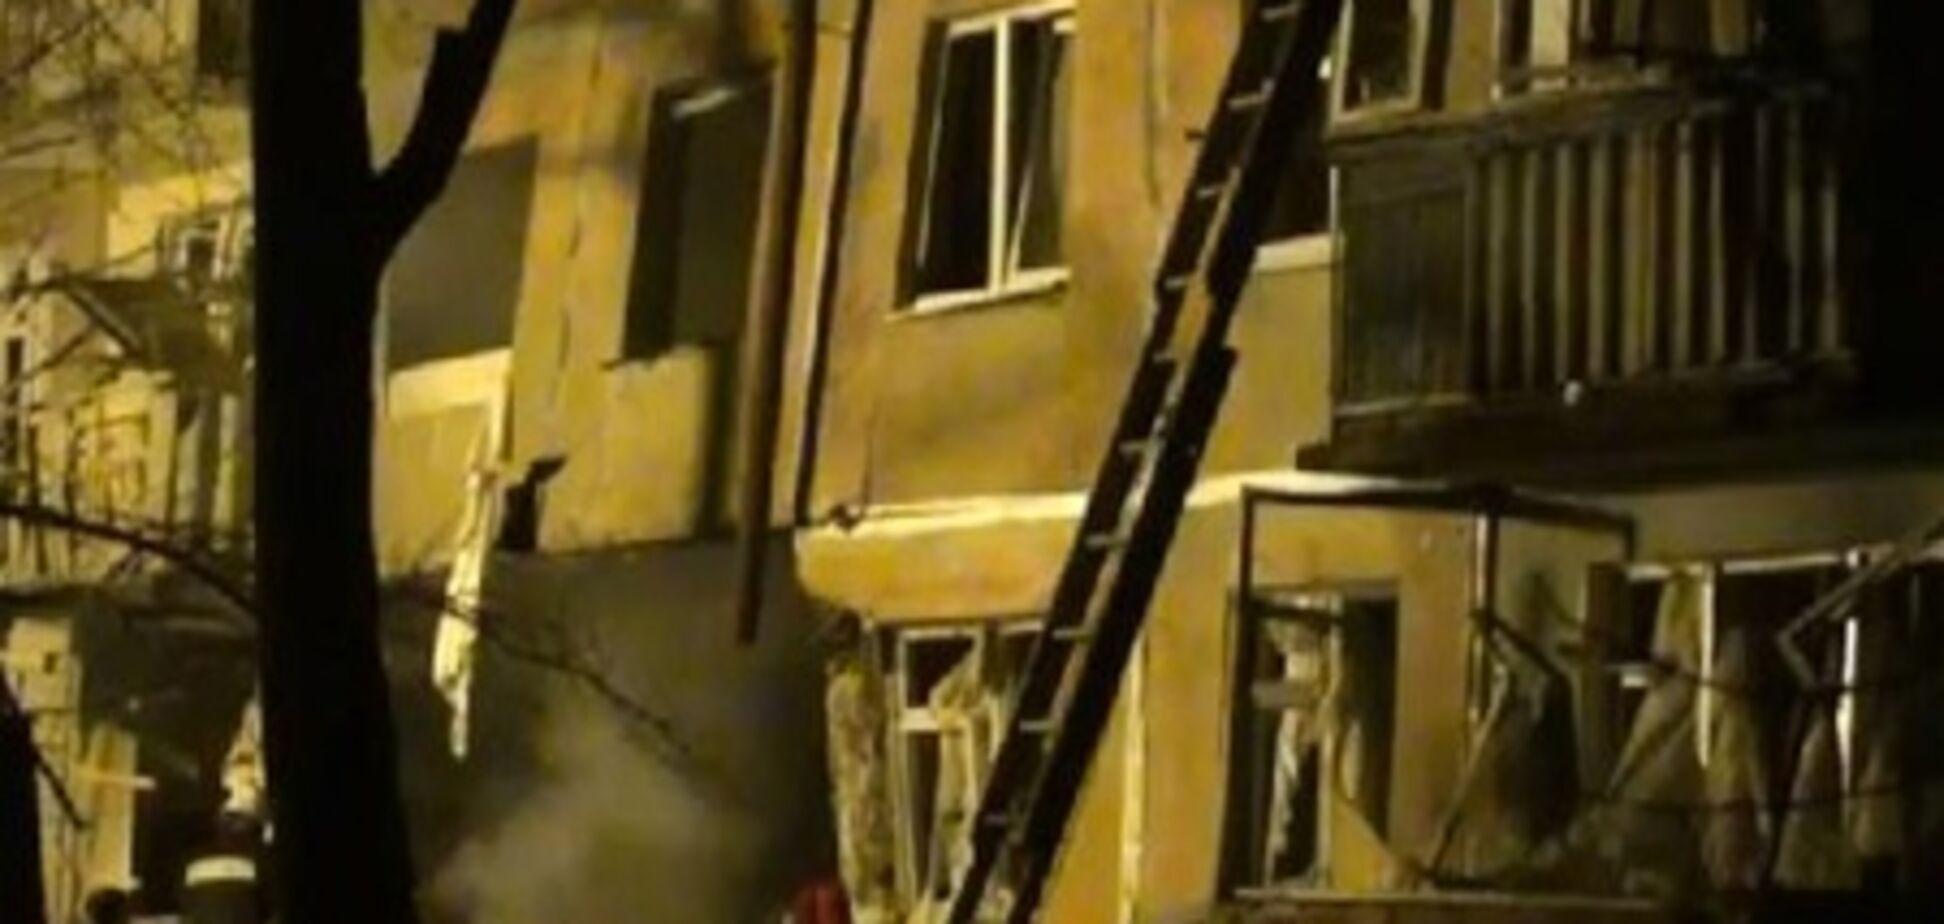 Названа предварительная причина взрыва в доме в Чернигове